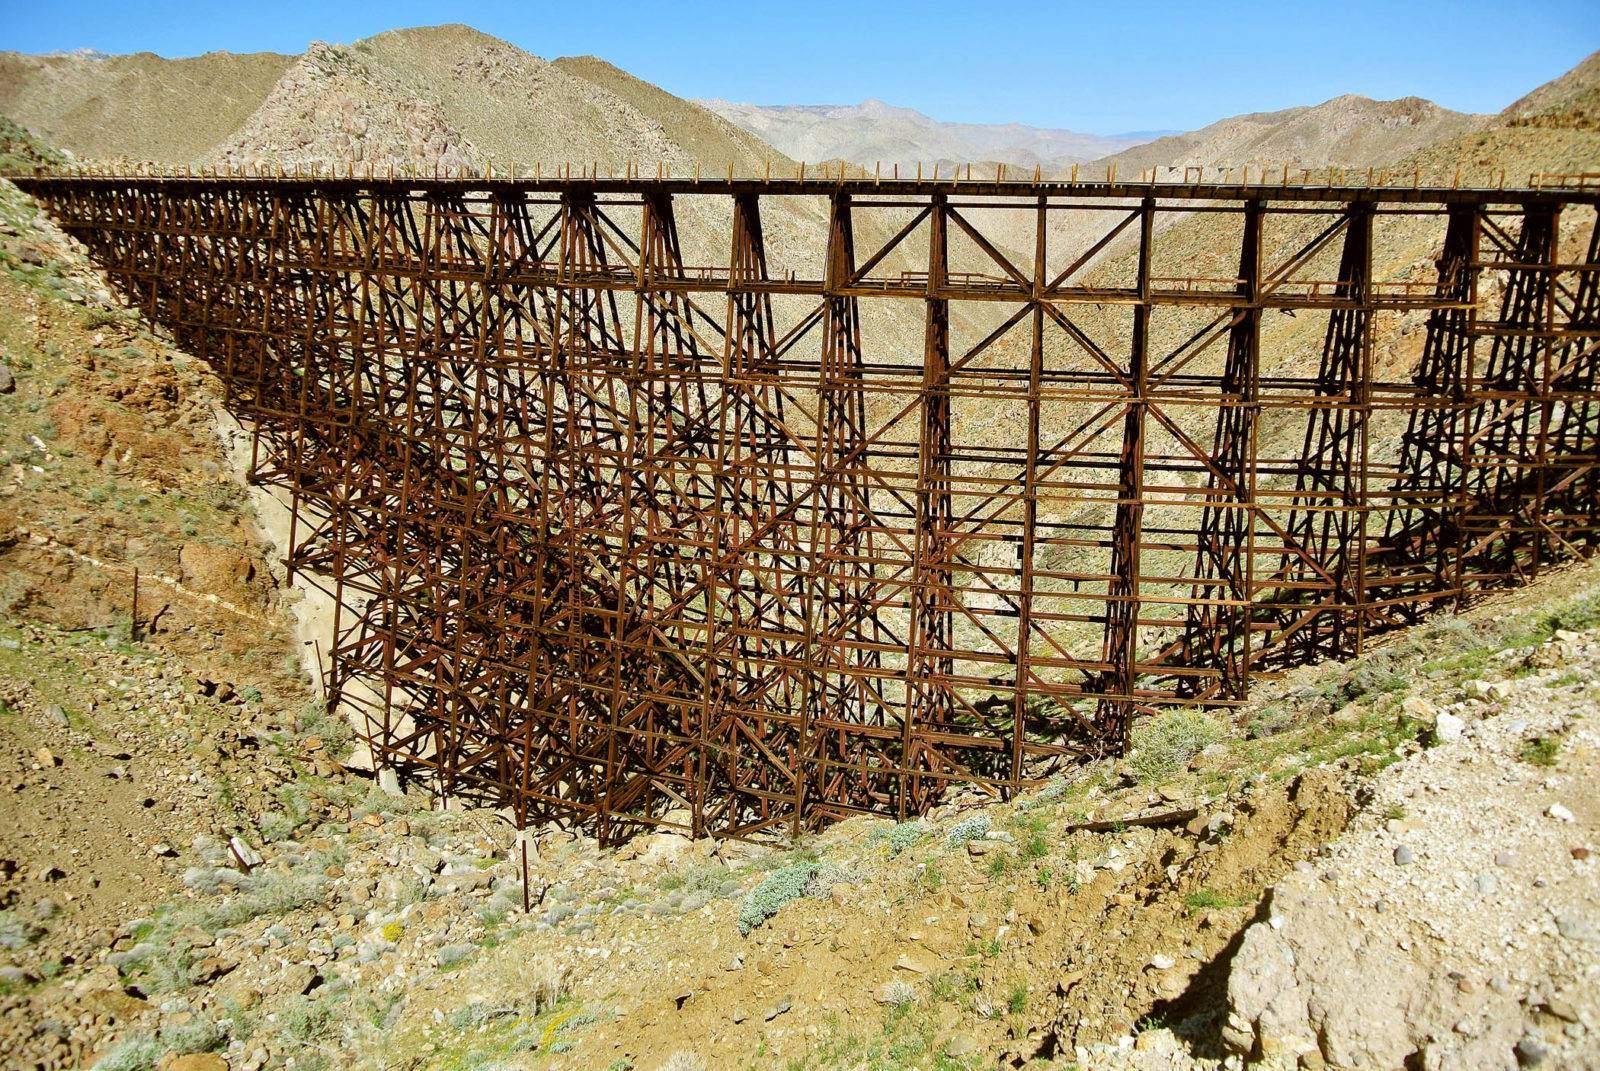 Hike the historic Goat Canyon Trestle